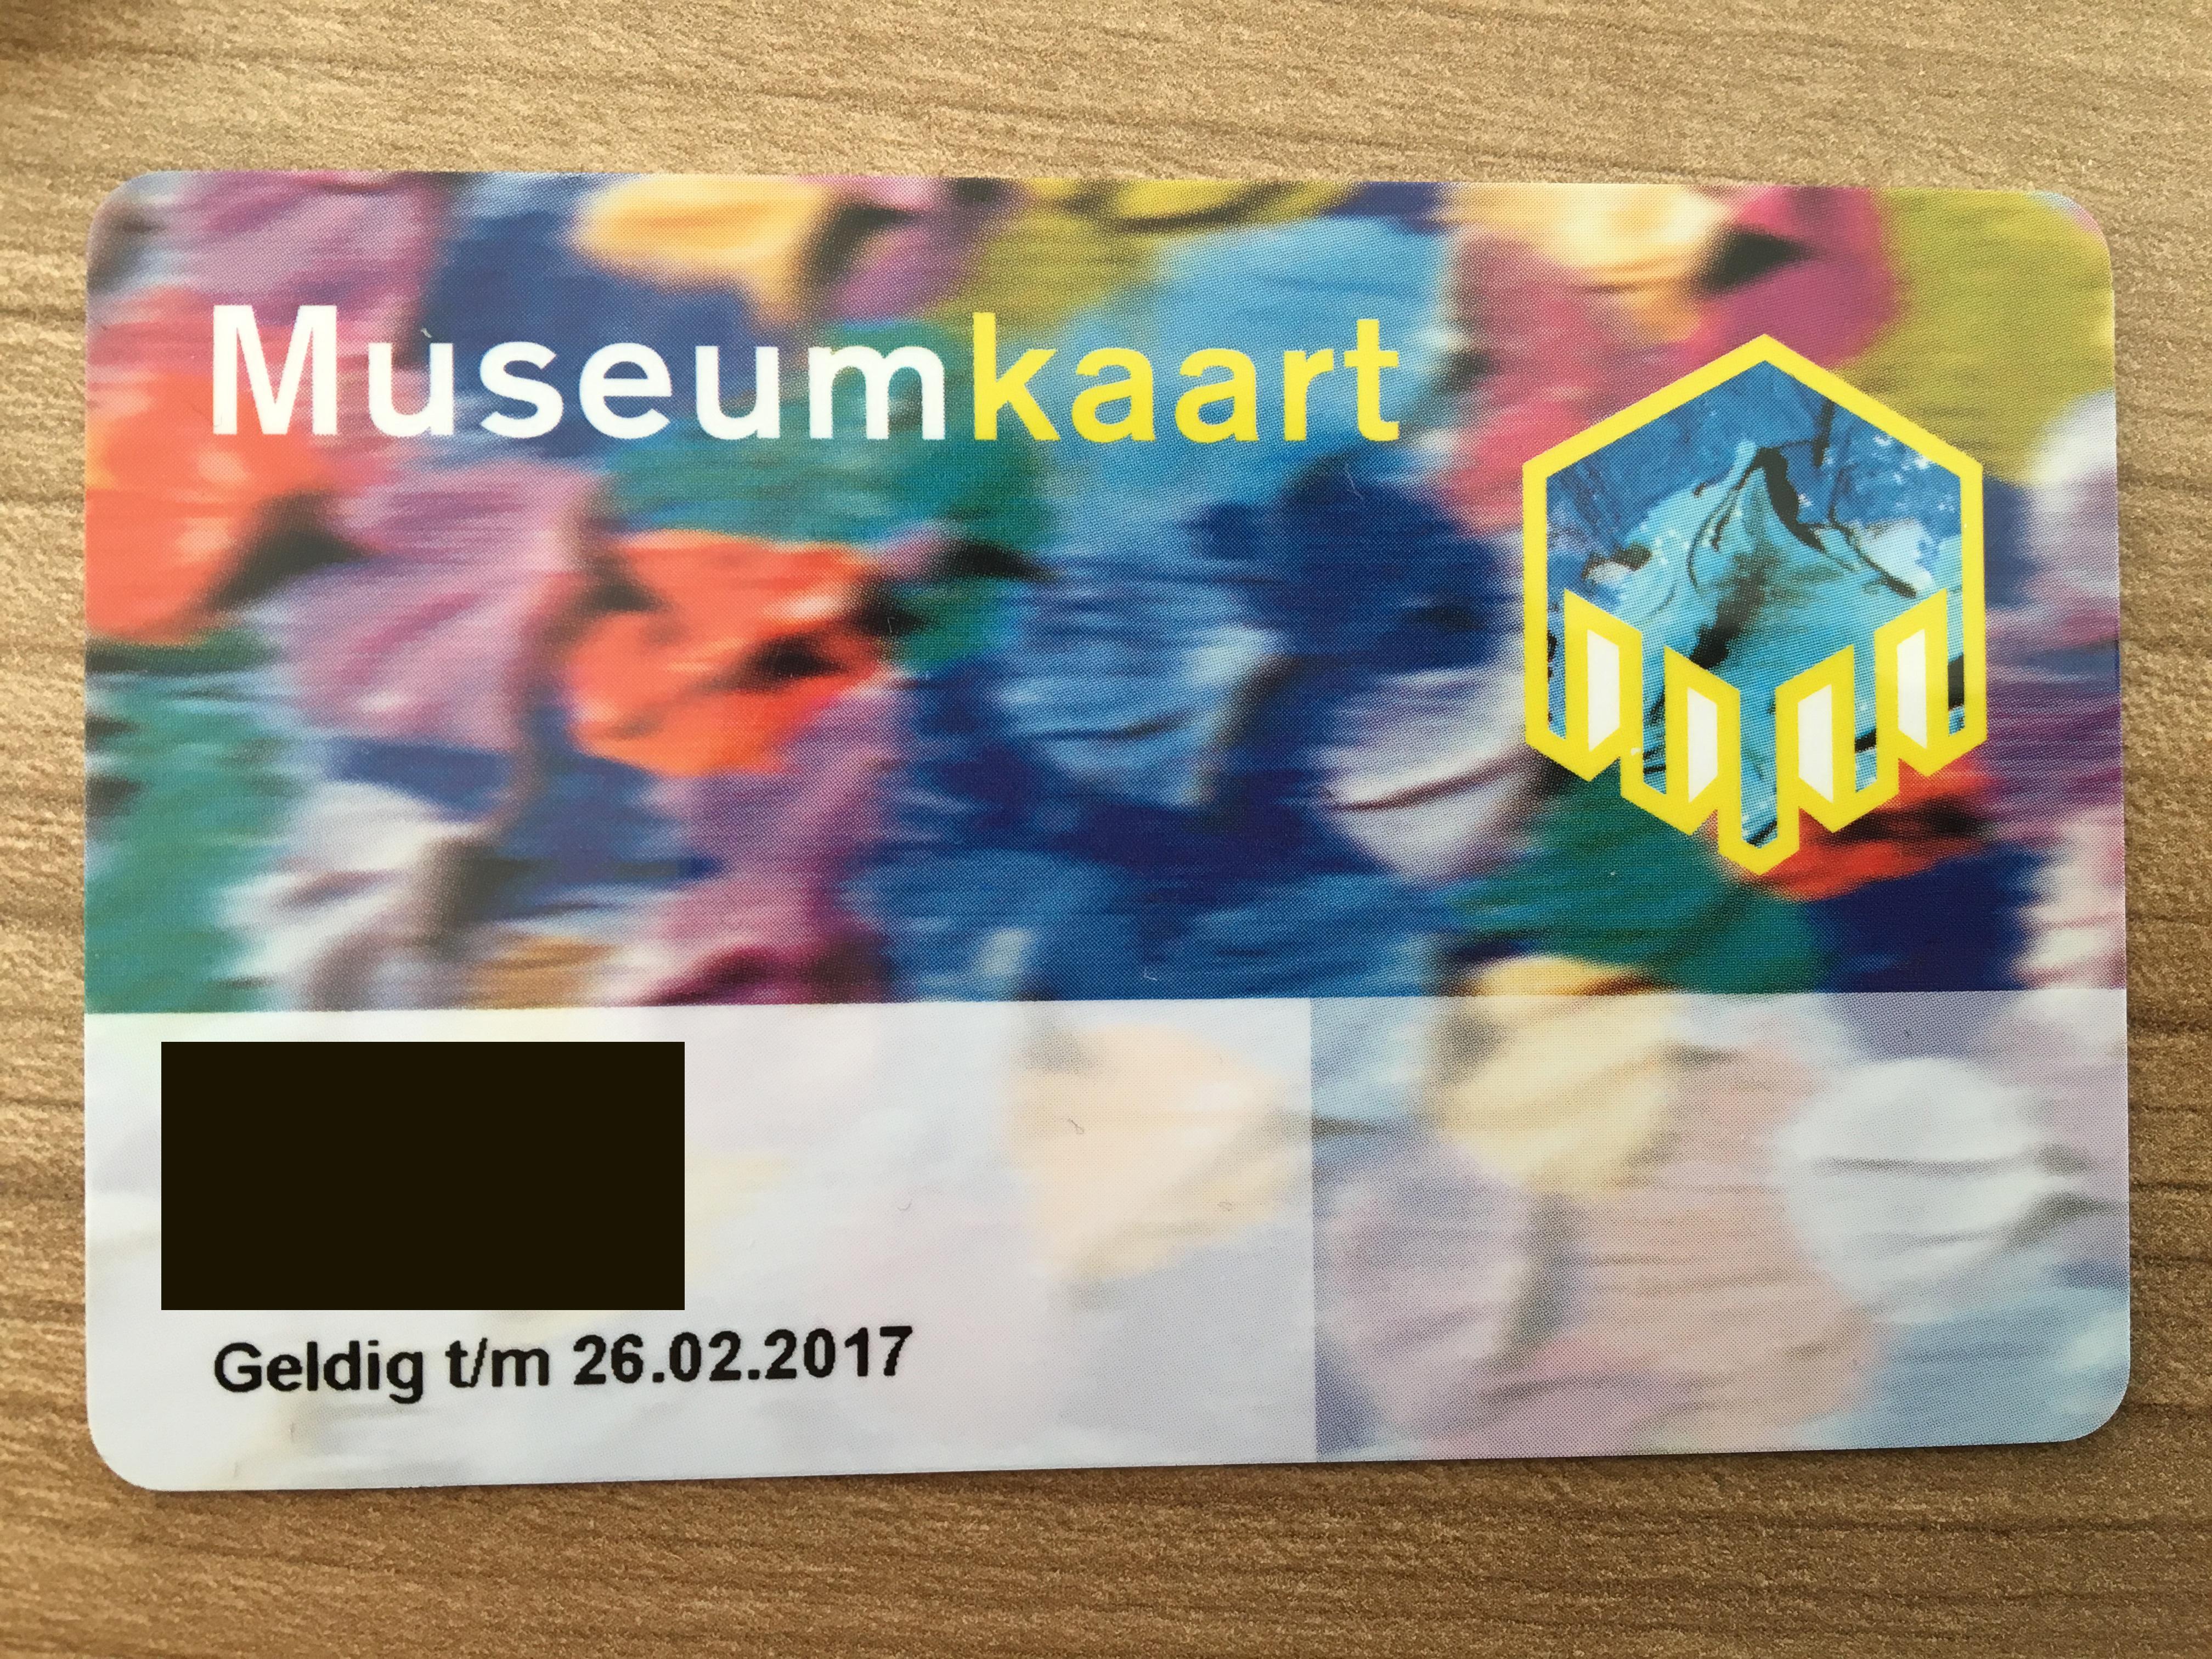 オランダの便利な「Museumkaart(ミュージアムカード)」